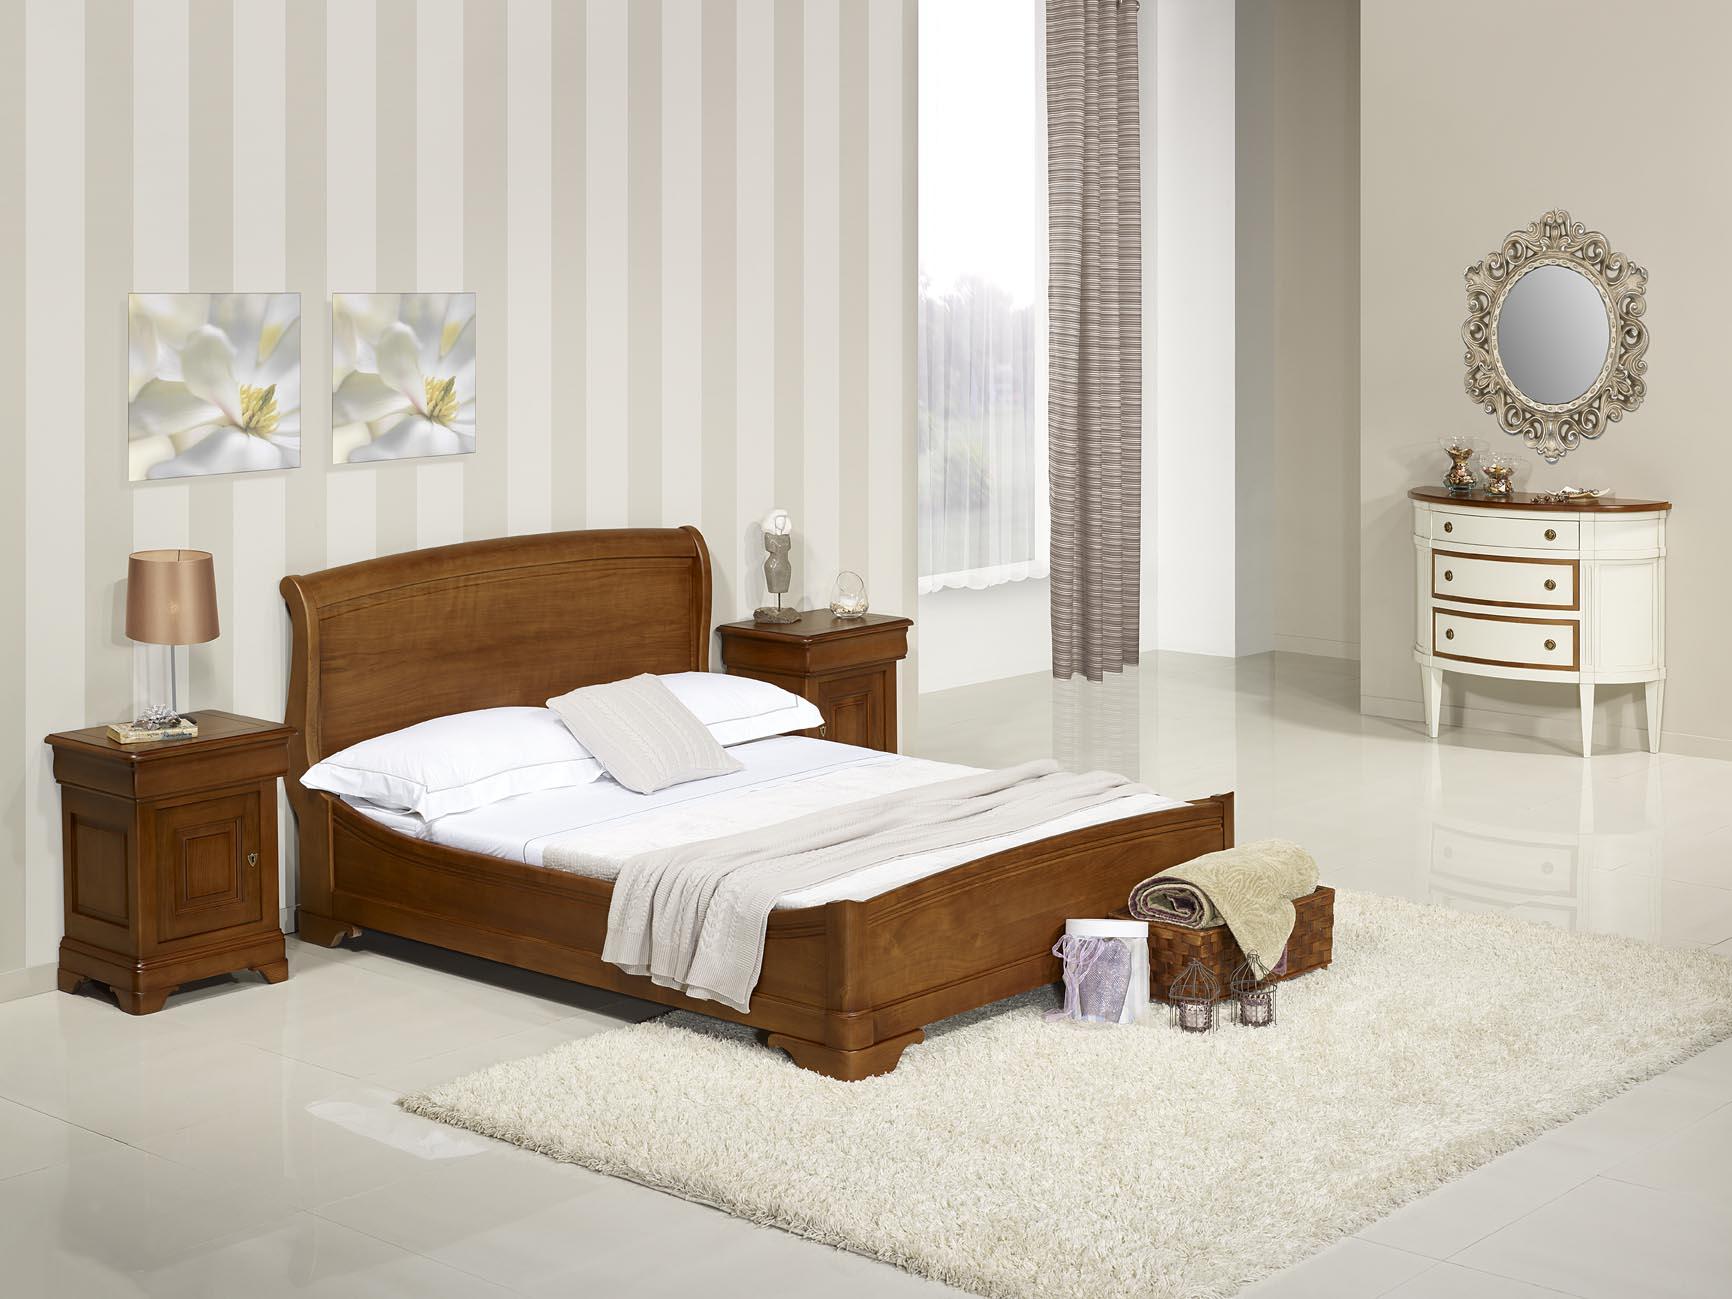 lit bois massif 140x190 maison design. Black Bedroom Furniture Sets. Home Design Ideas